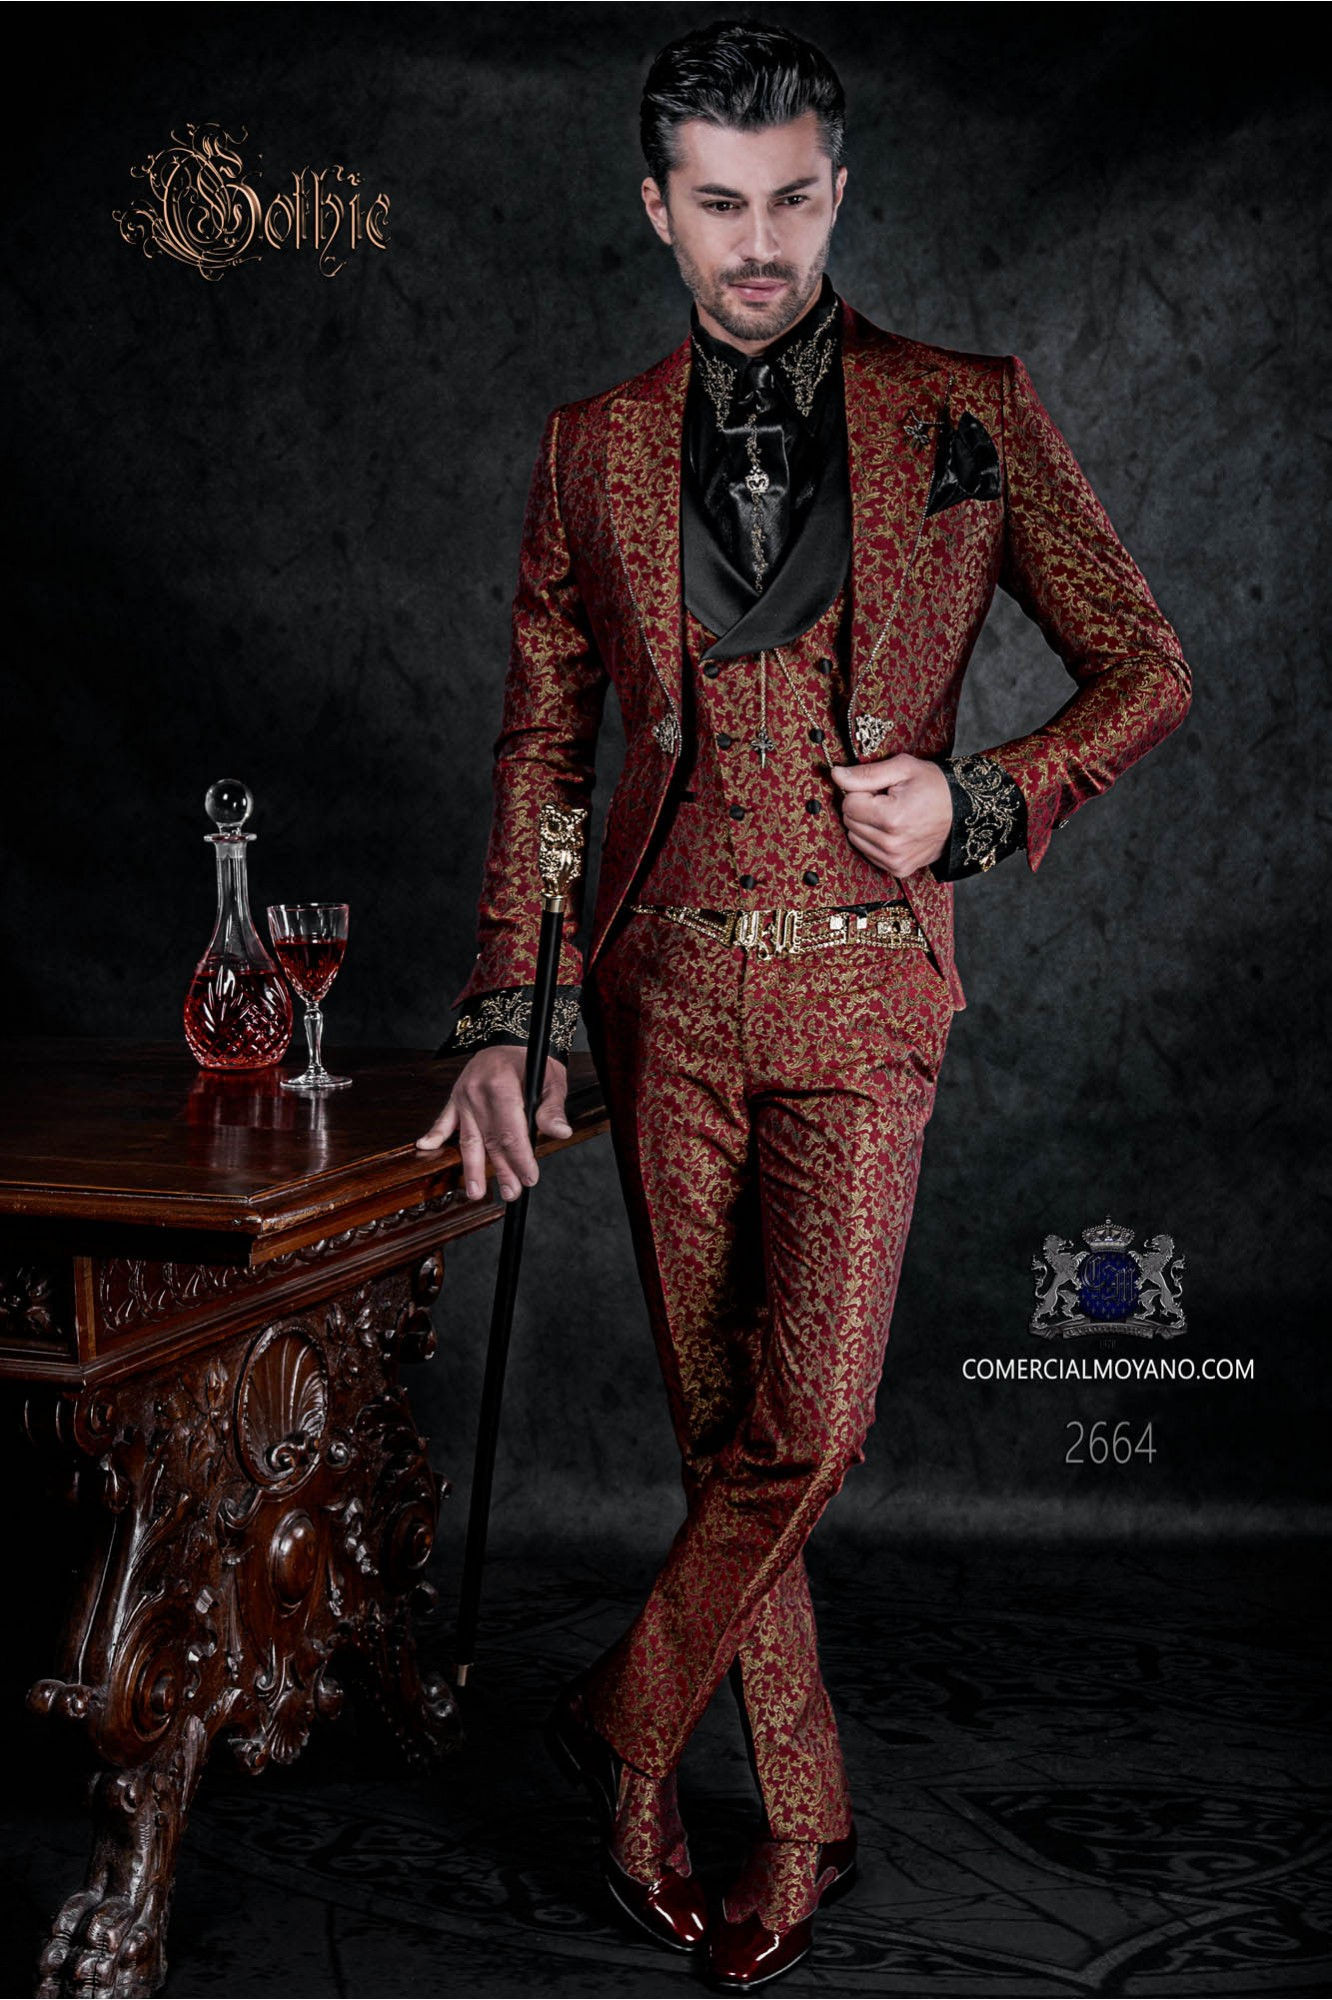 Traje levita de época en tejido jacquard rojo y dorado con cristales strass en las solapas